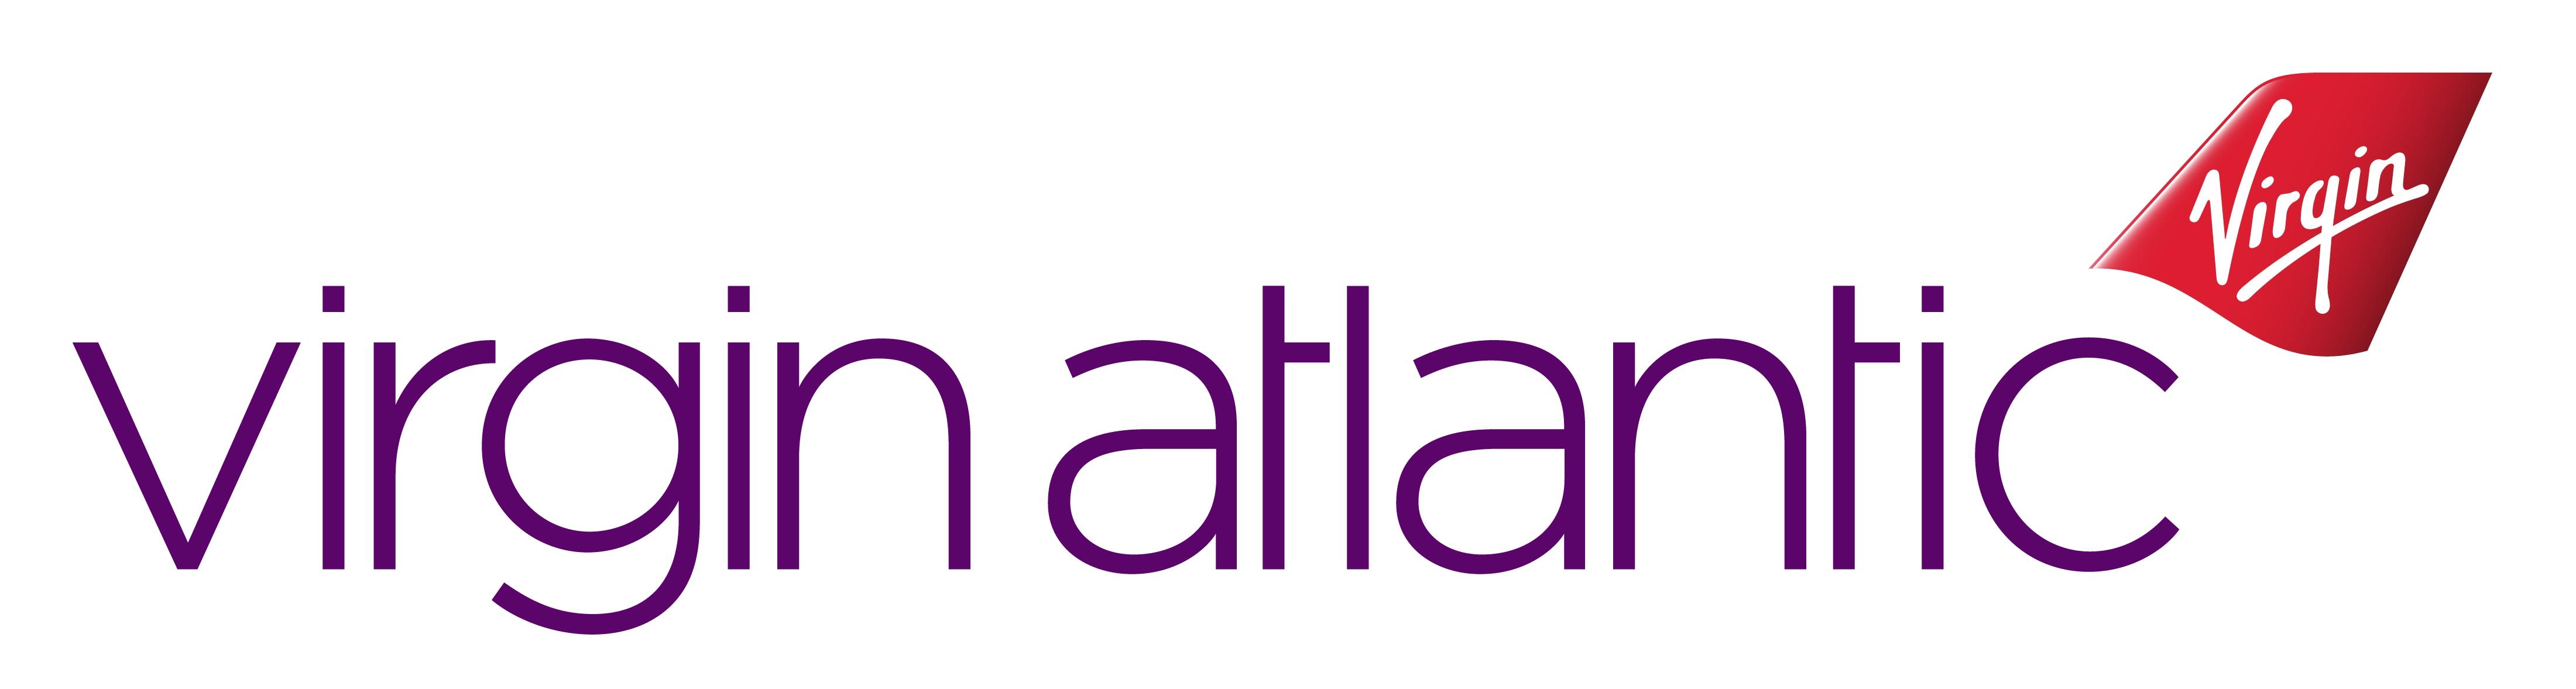 Virgin Atlantic Logo PNG - 98072